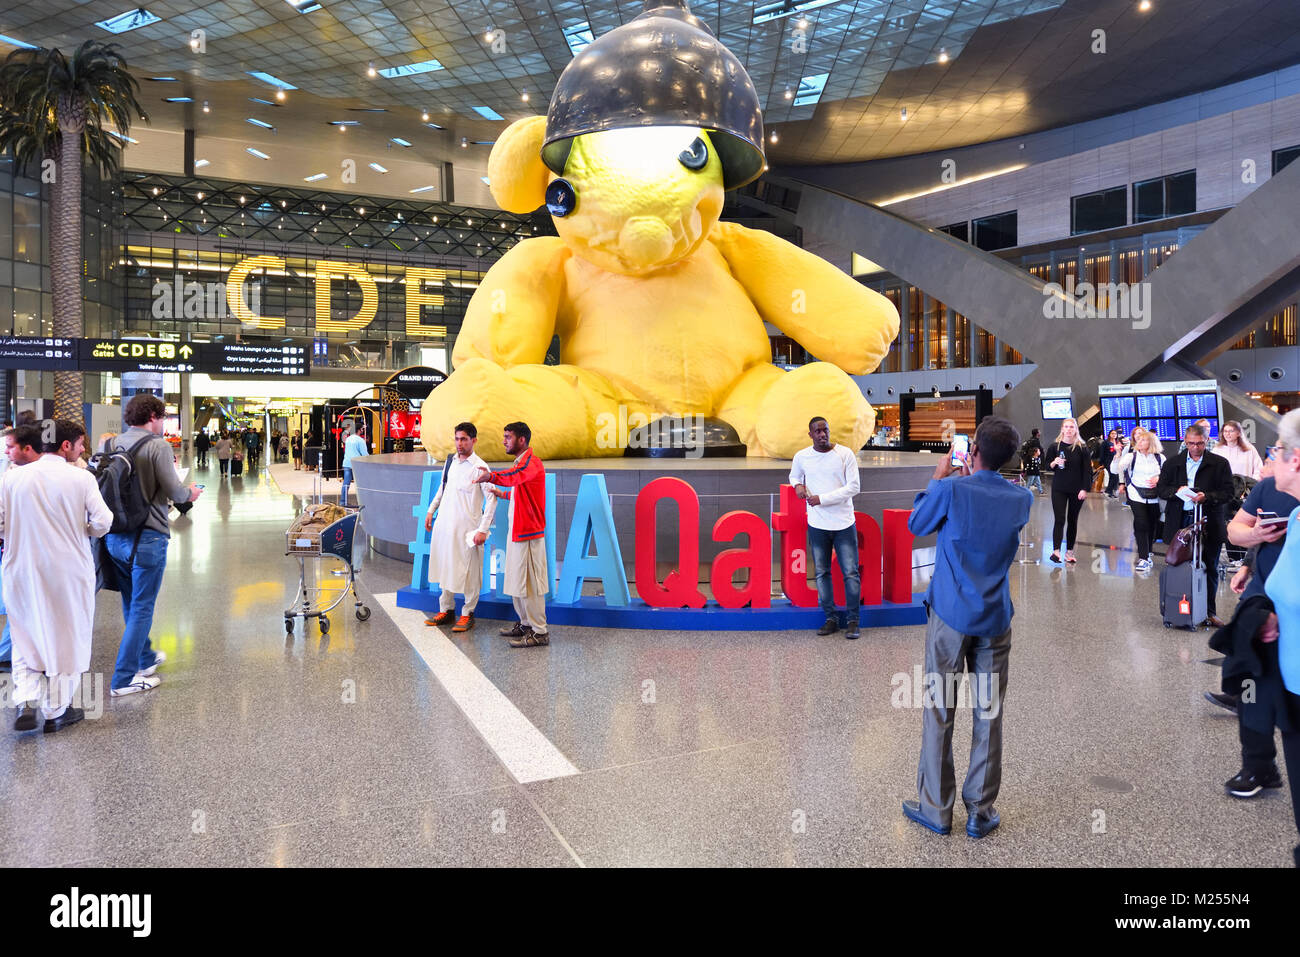 Qatar, Doha, Hamad Aéroport International. Dans la zone de transit à l'entrée principale, les visiteurs se réunissent autour de la lampe pour l'ours géant photos. Banque D'Images